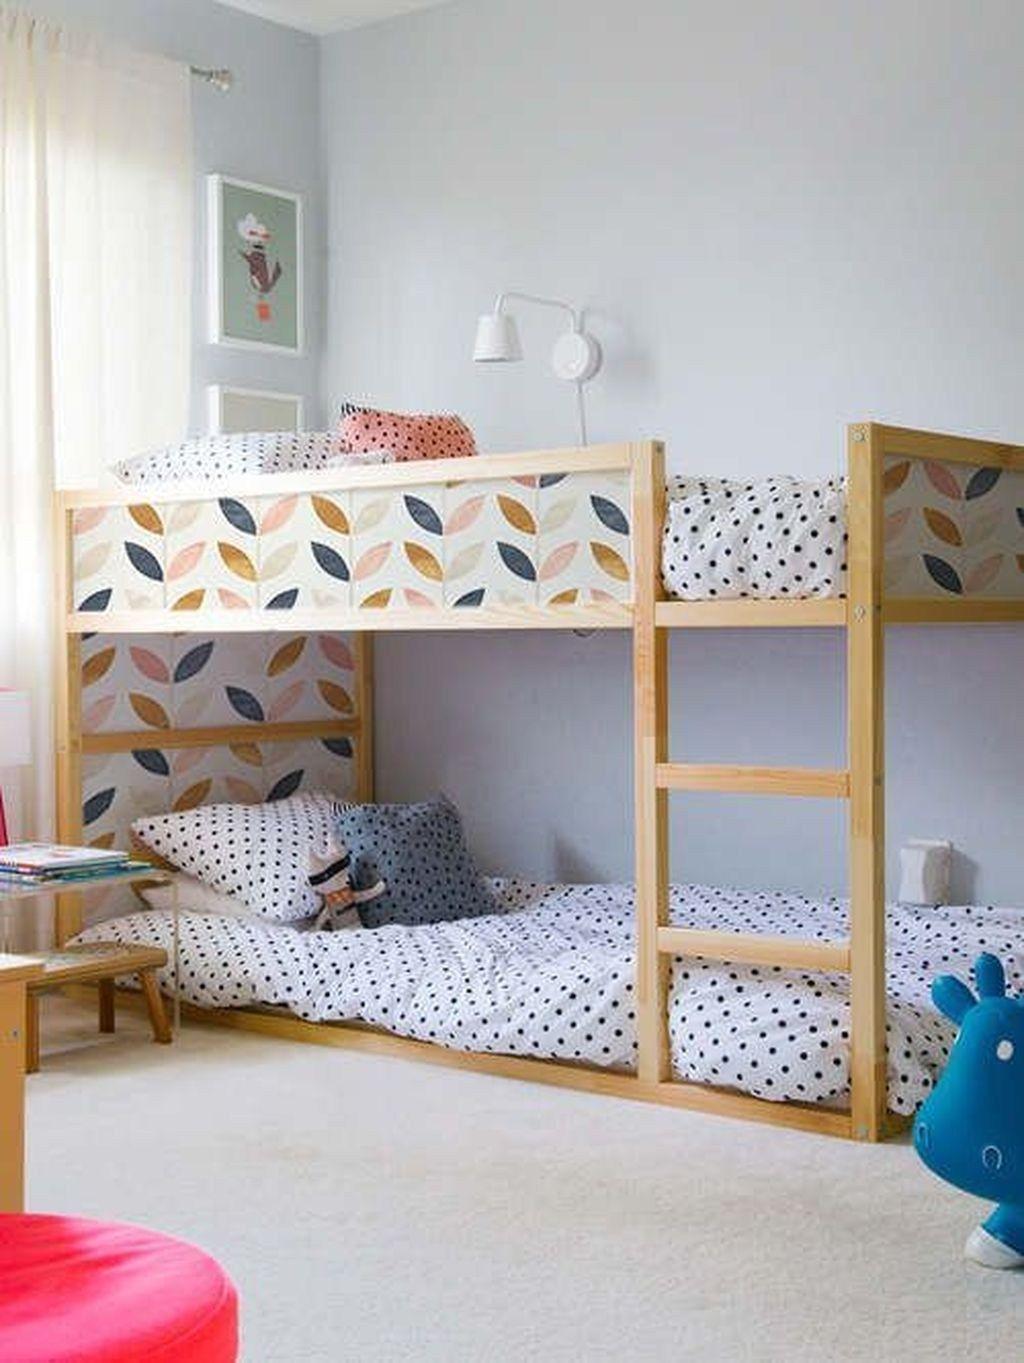 Cool Ikea Kura Beds Ideas For Your Kids Room11 Kinderbetten